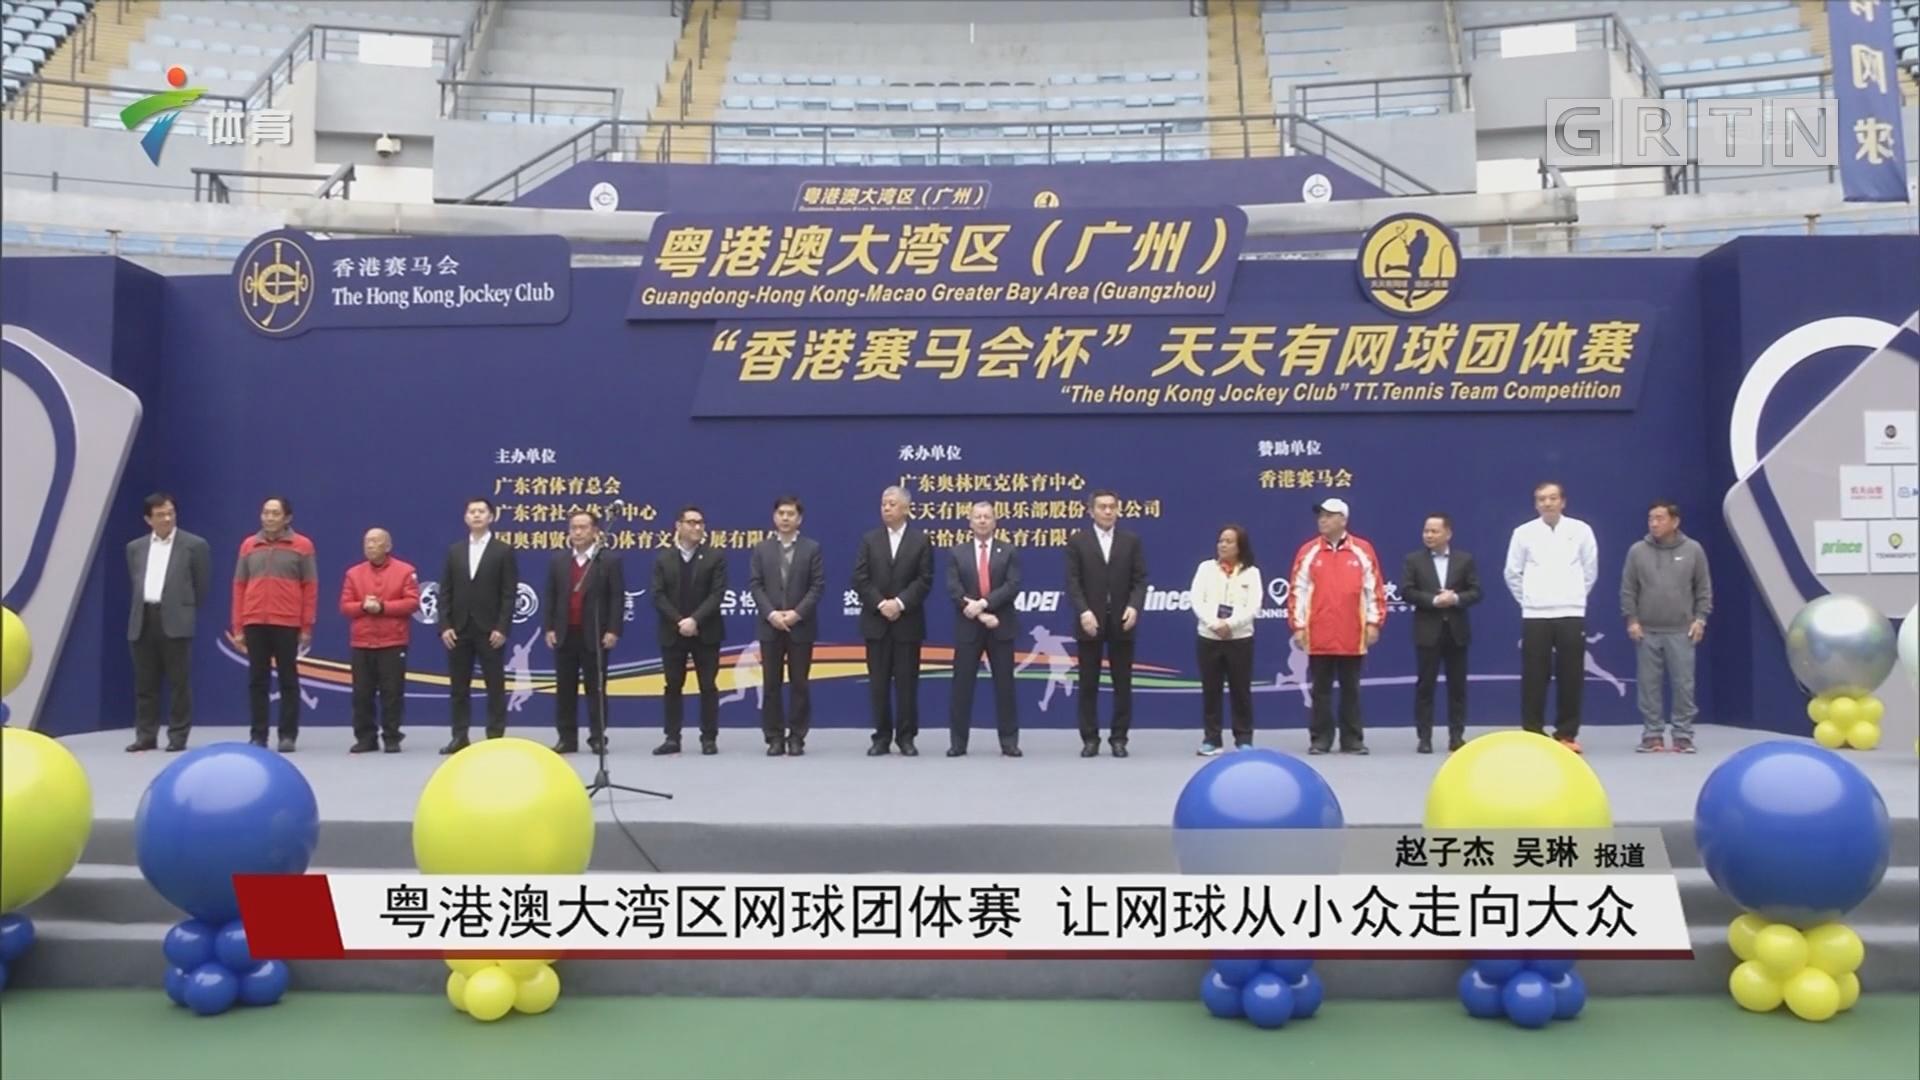 粤港澳大湾区网球团体赛 让网球从小众走向大众